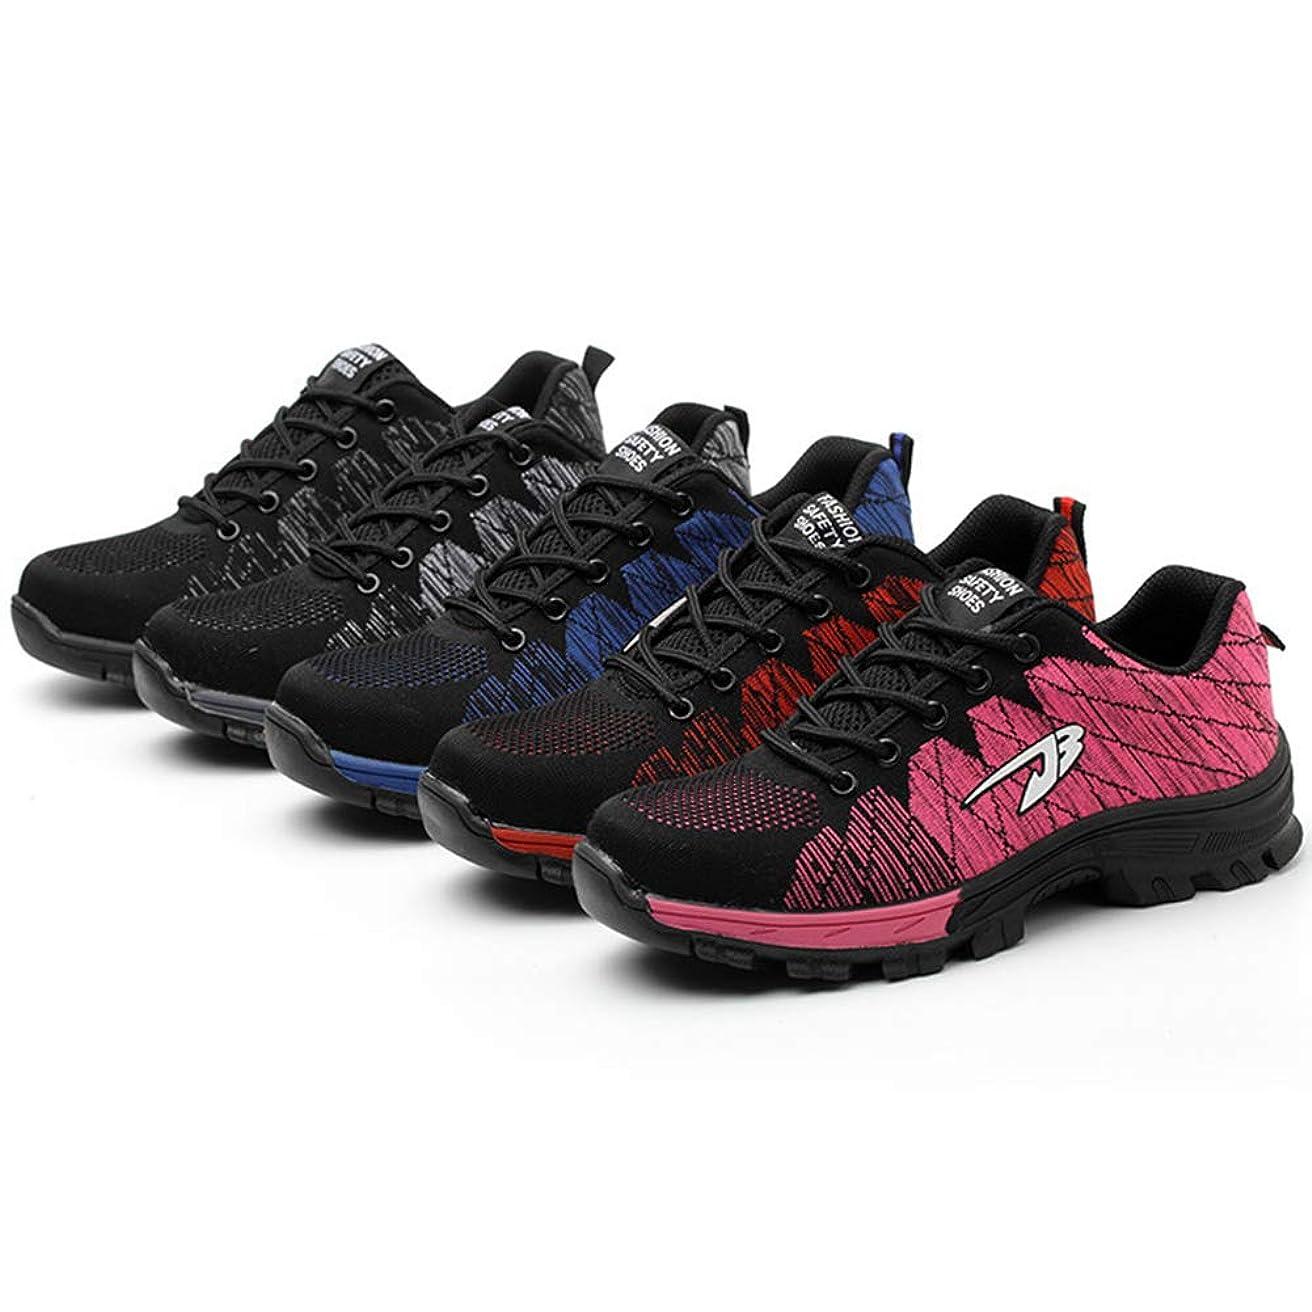 に対応する放置飢えた安全靴 作業靴 メンズ レディーススニーカー つま先保護 登山靴 防滑 通気 メッシュ 大きいサイズ 5色 耐磨耗 衝撃吸収